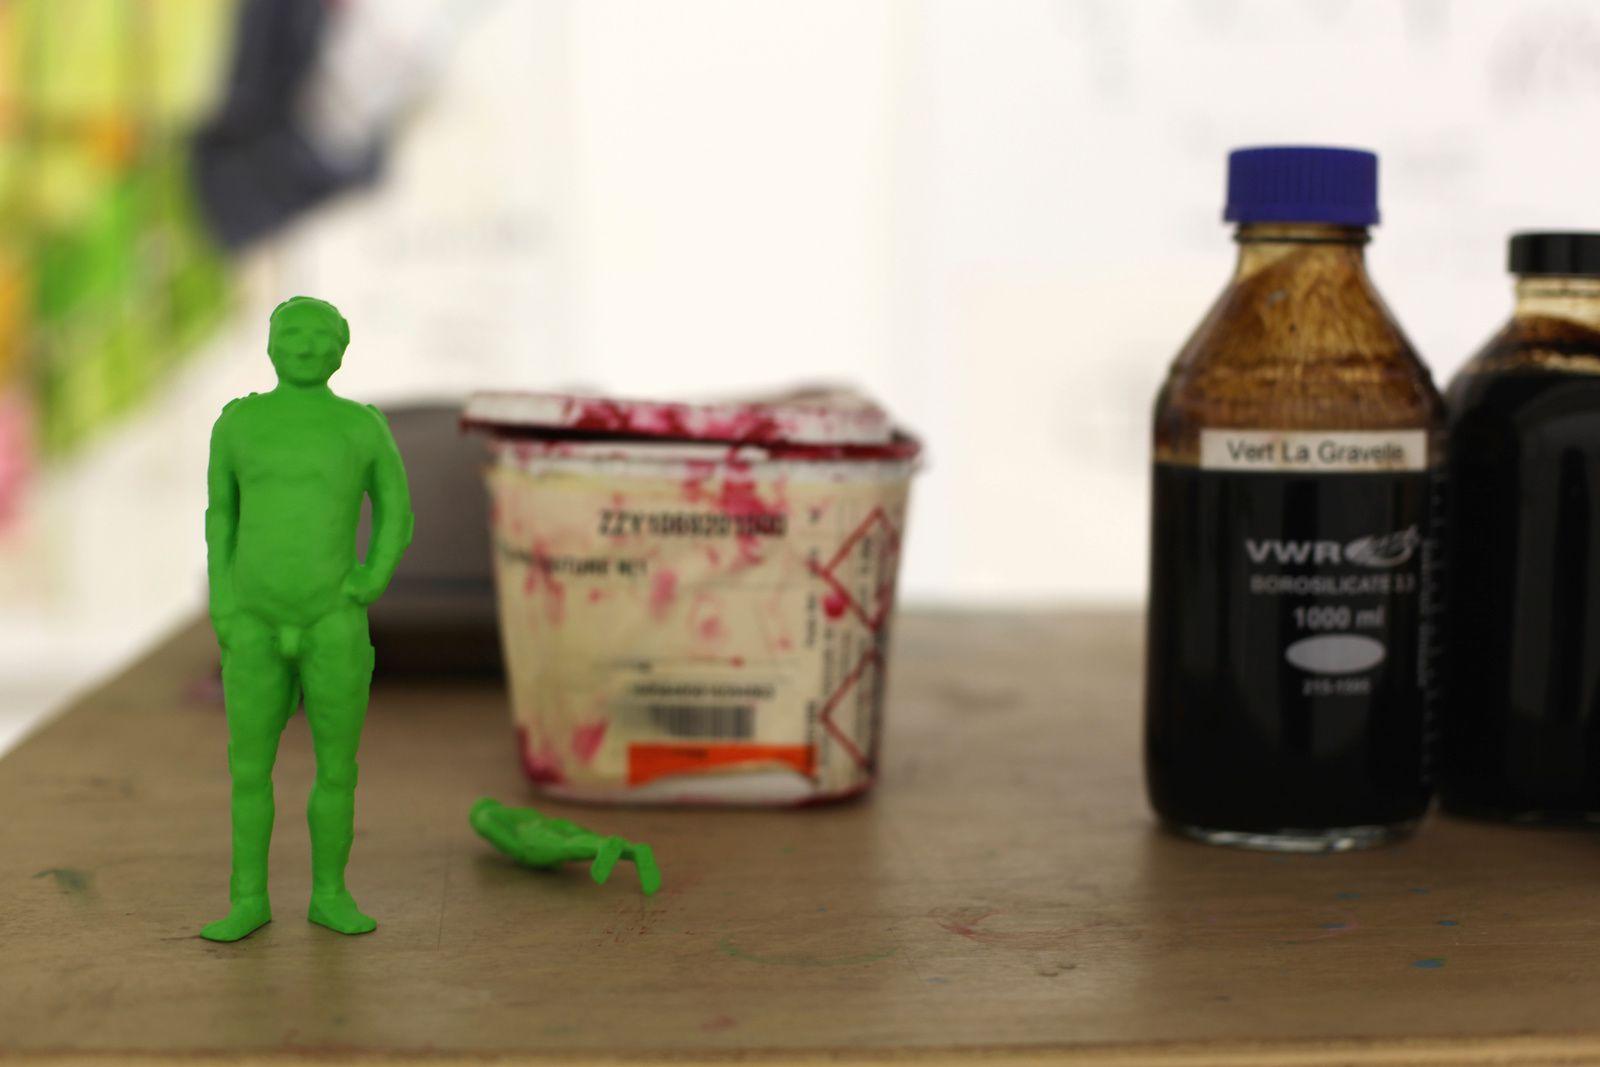 """Détail atelier """"L'homme de Bessines"""", 2014""""La maison de POF's"""", 2016 - 2017 de Fabrice HYBER - Courtesy Galerie Nathalie OBADIA © Photo Éric Simon"""